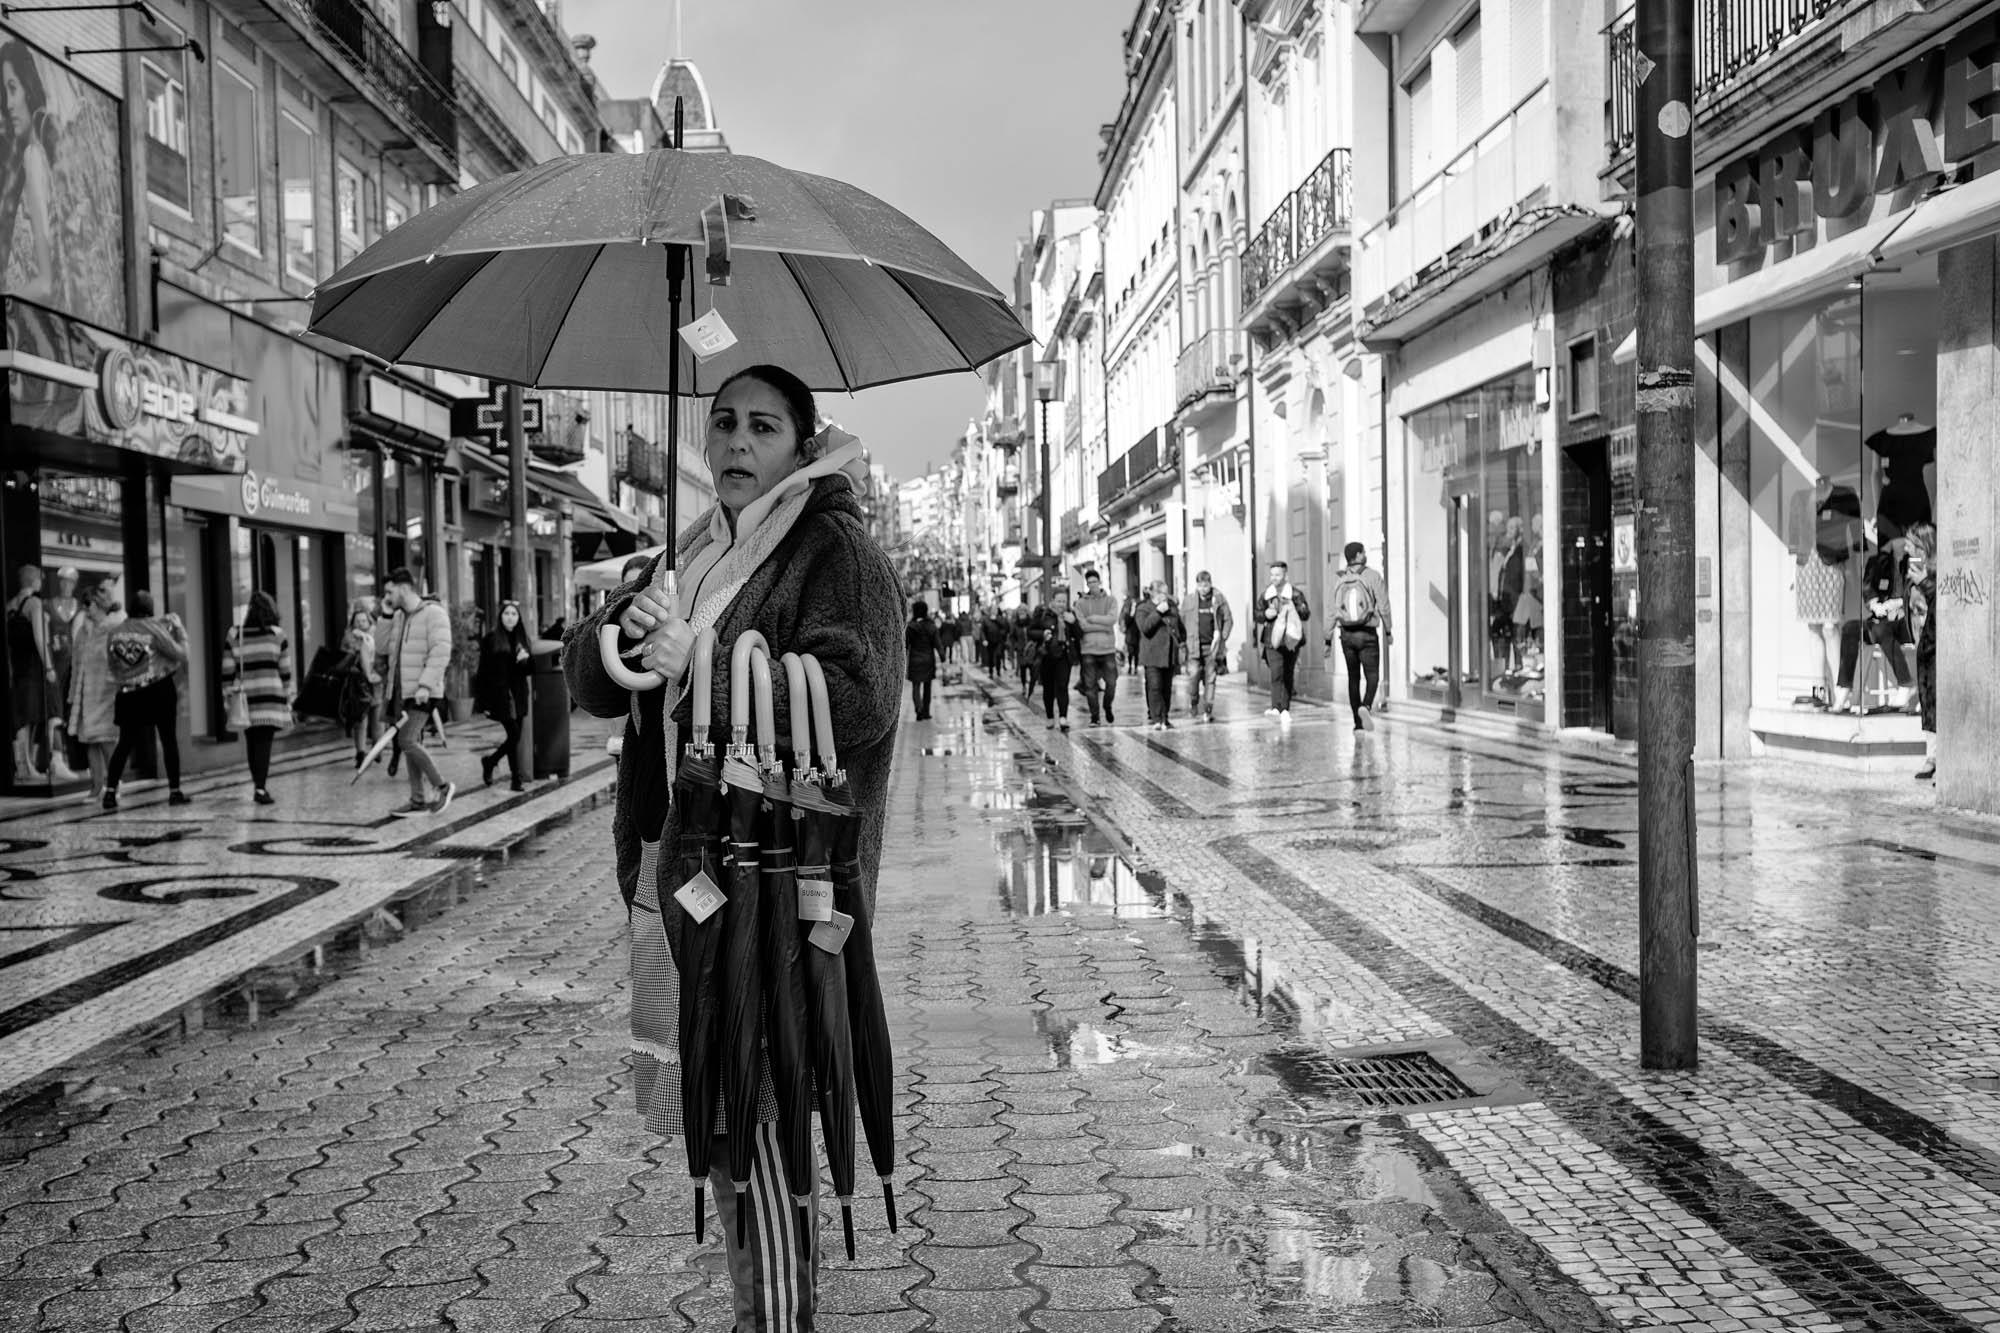 Rua Santa Christina Porto, Portugal